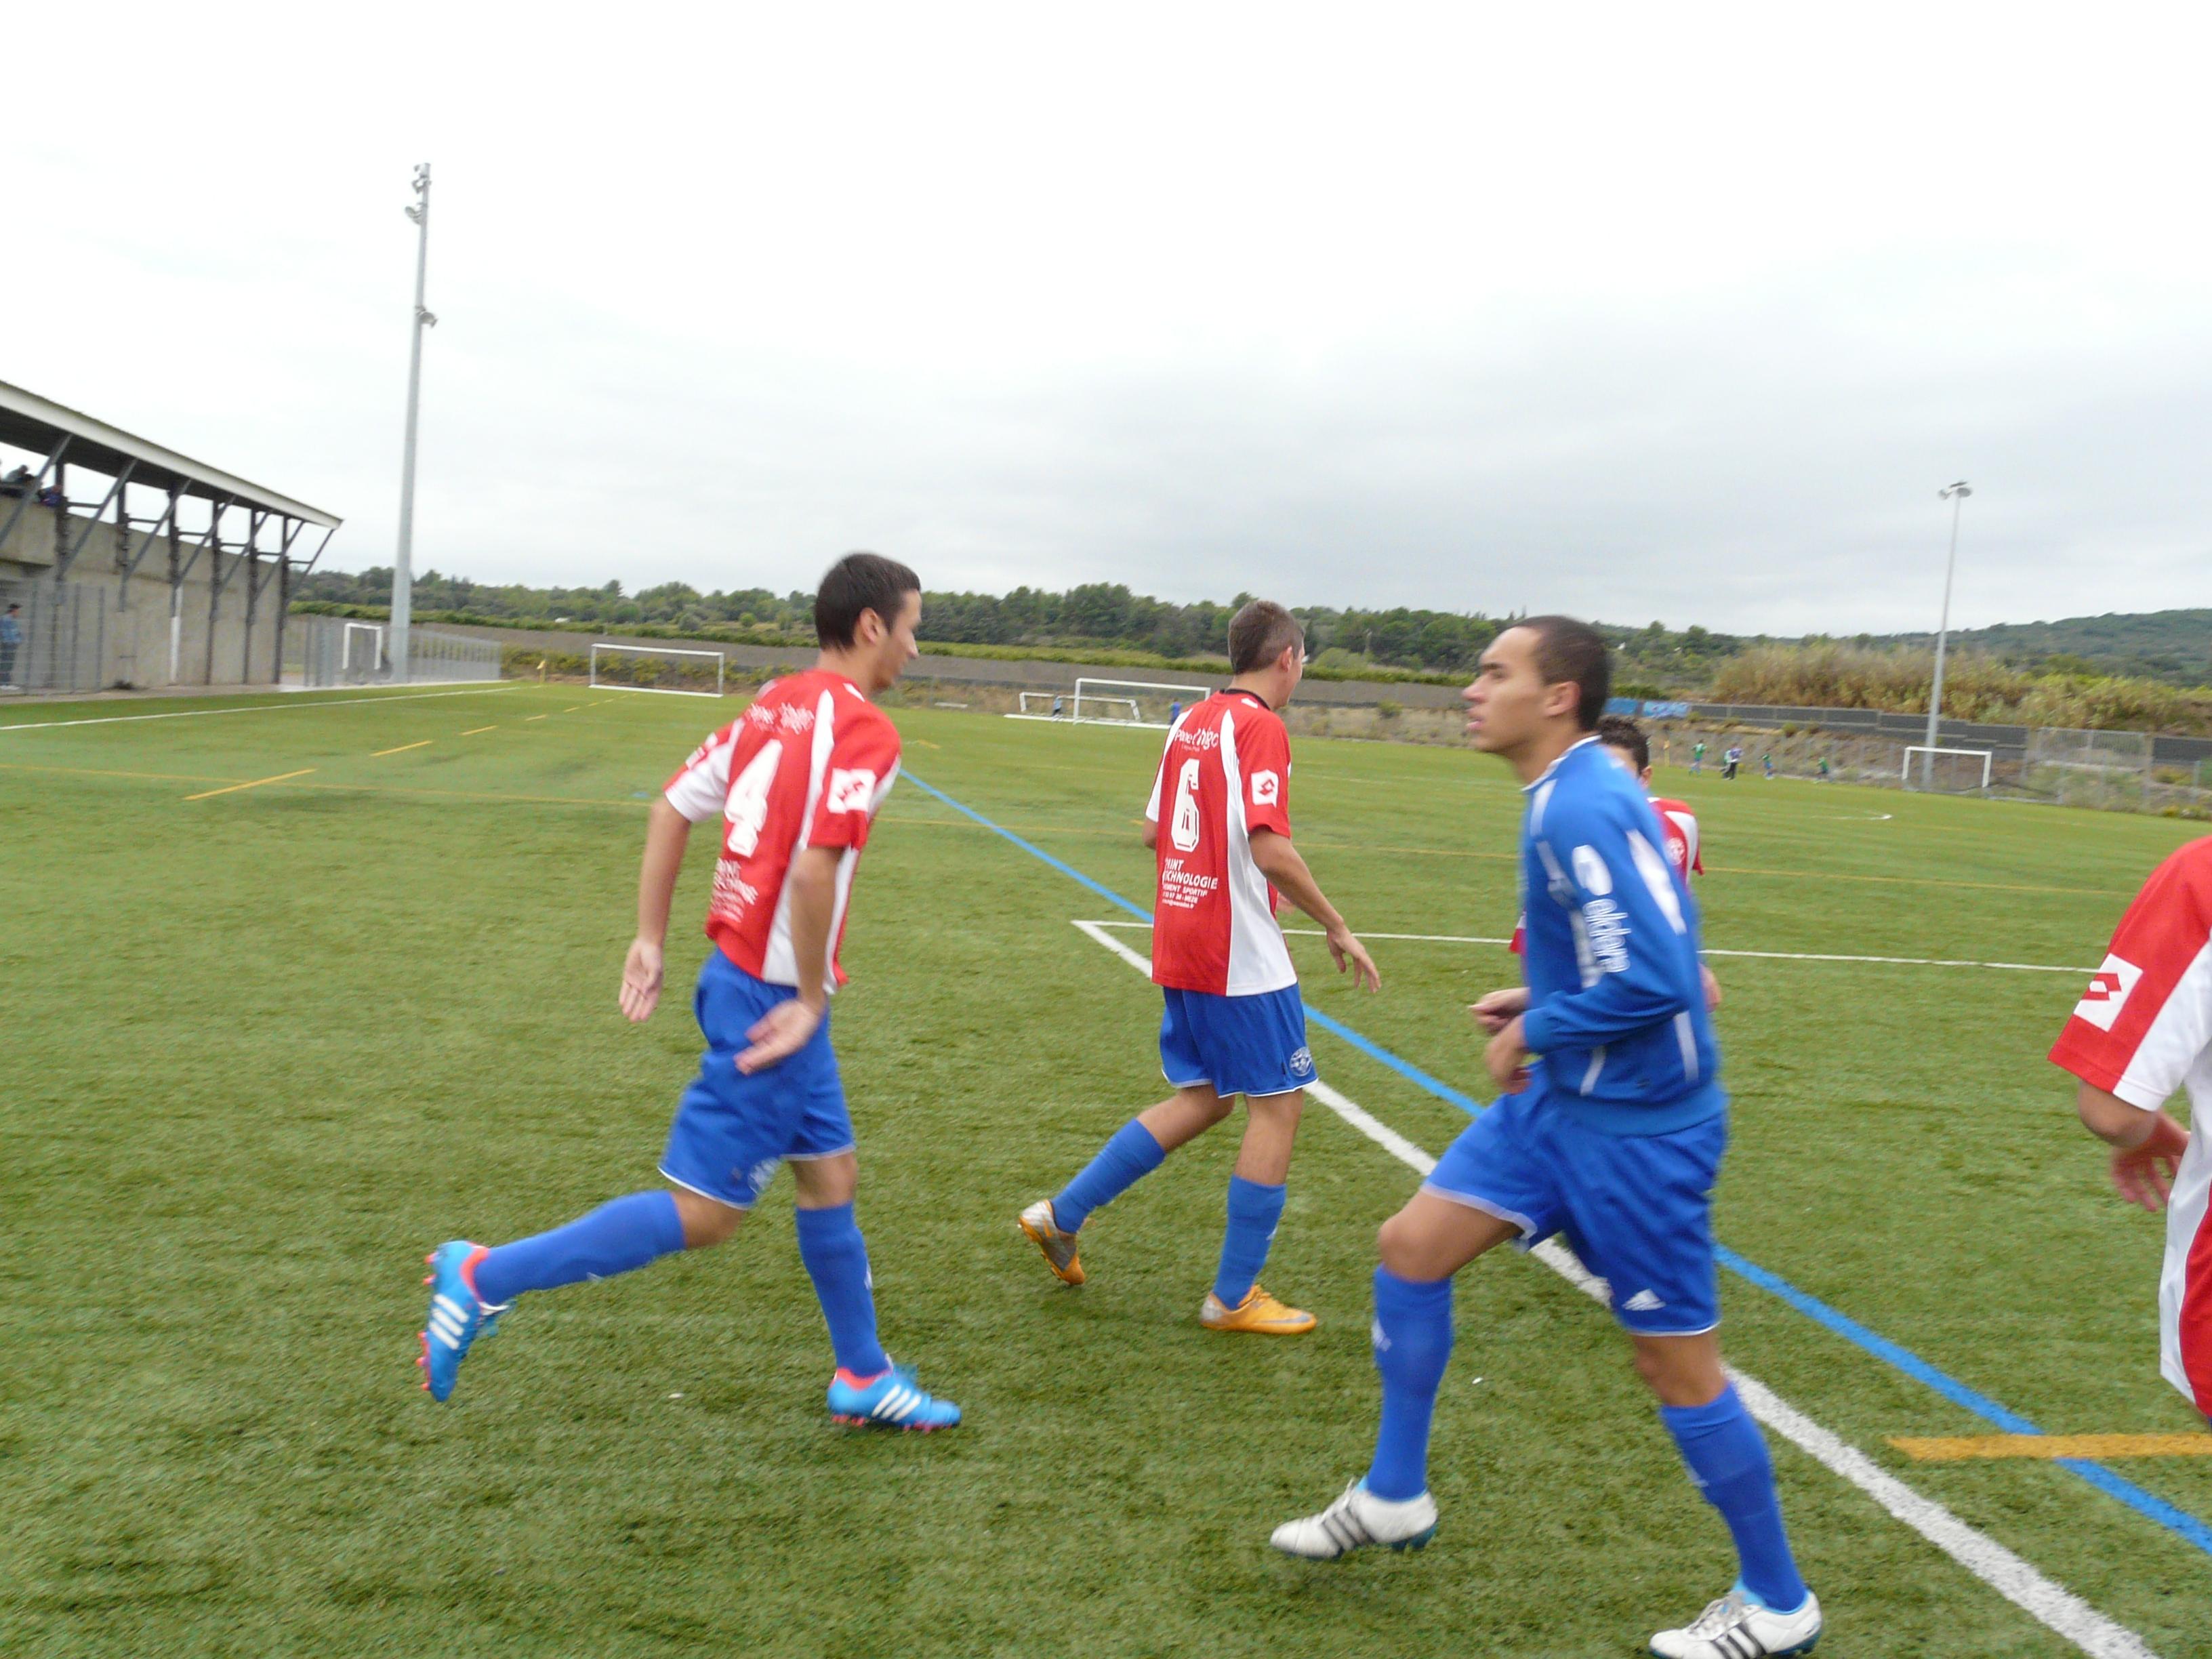 resultats des rencontres can 2012